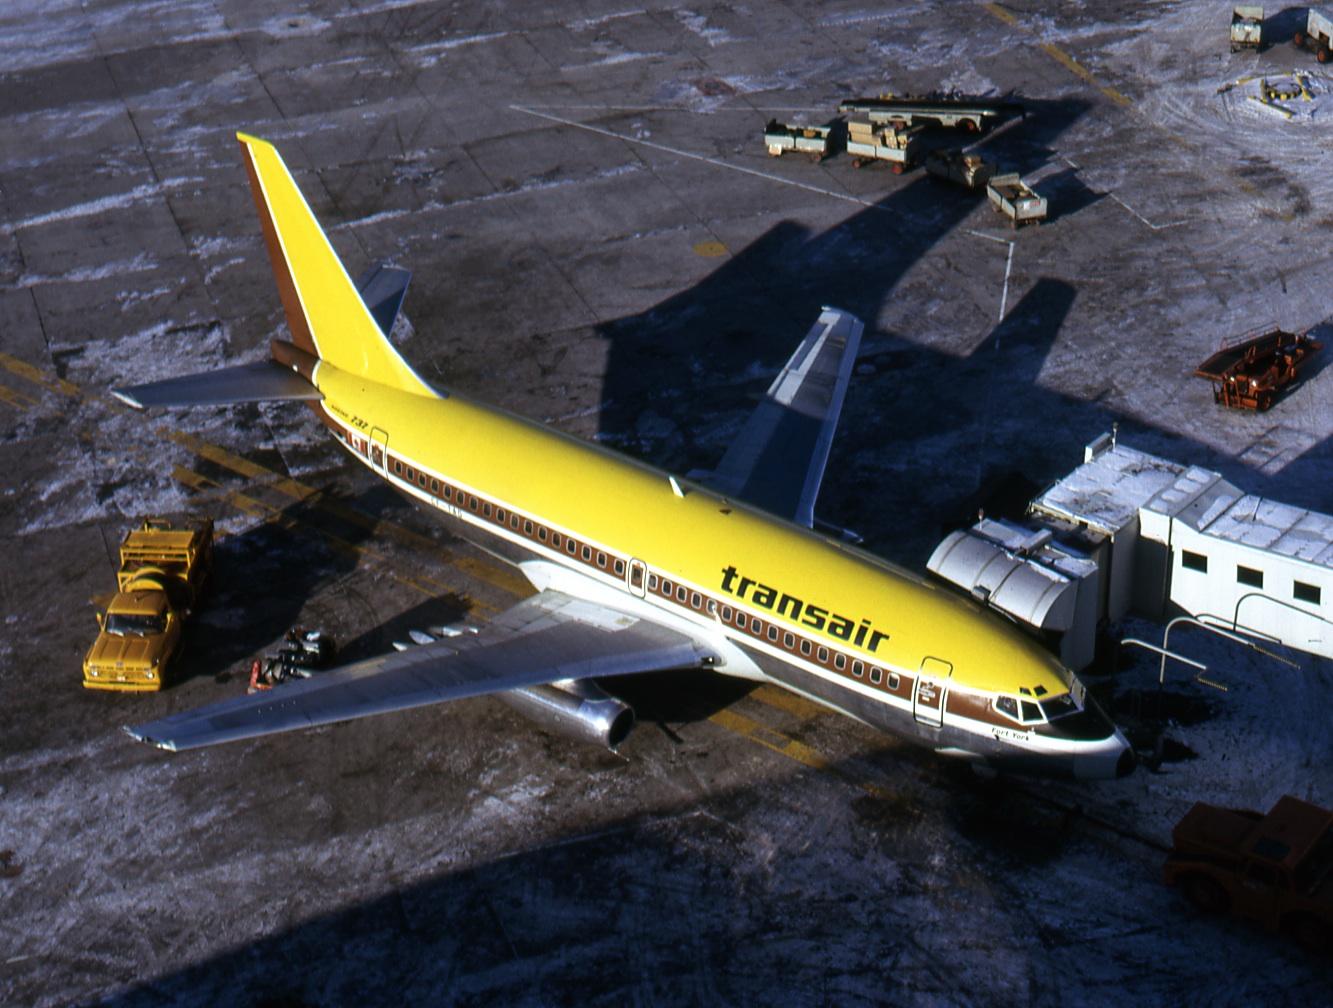 Ancient CAE 737-200 Flight Simulator Still Doing Valuable